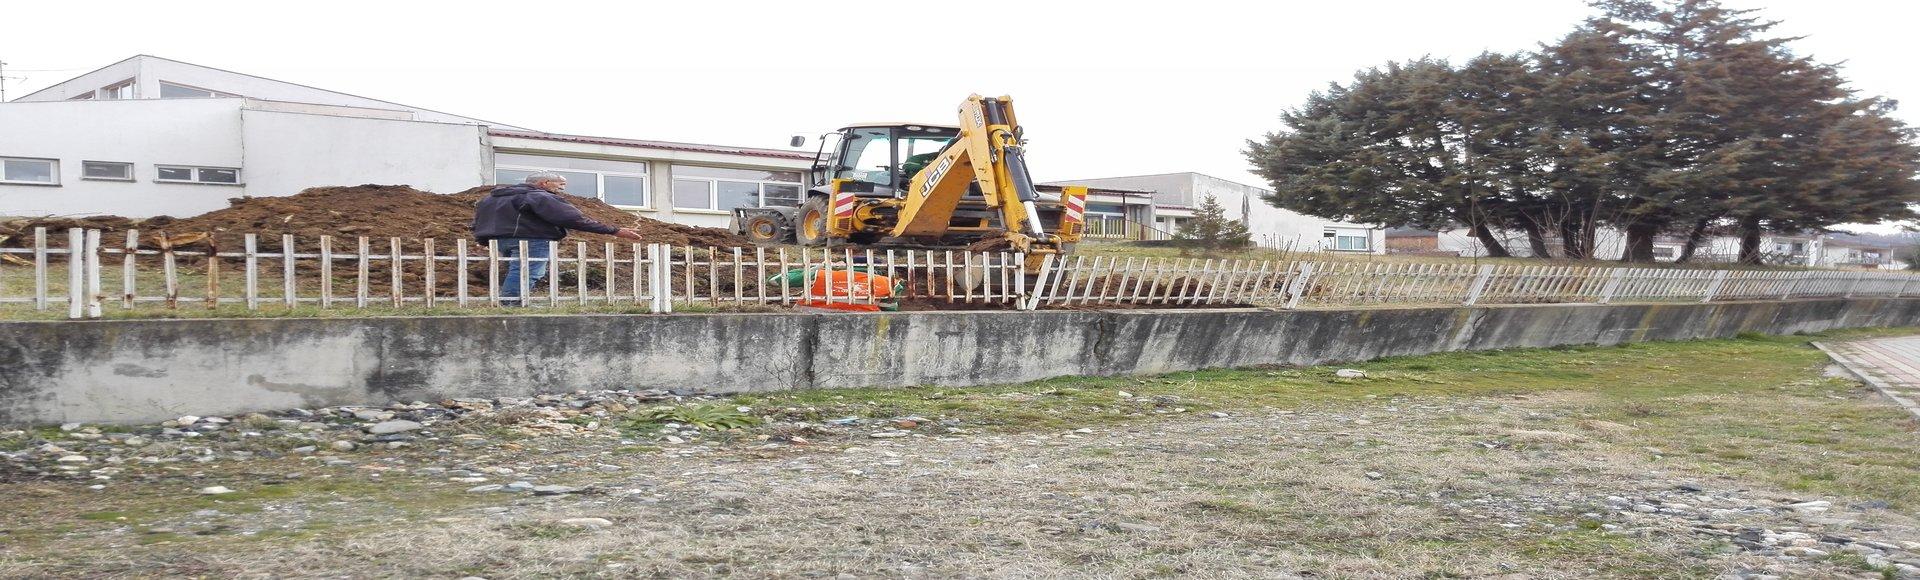 """Санација на ѕидот ограда кај детската градинка """"Бамби"""""""